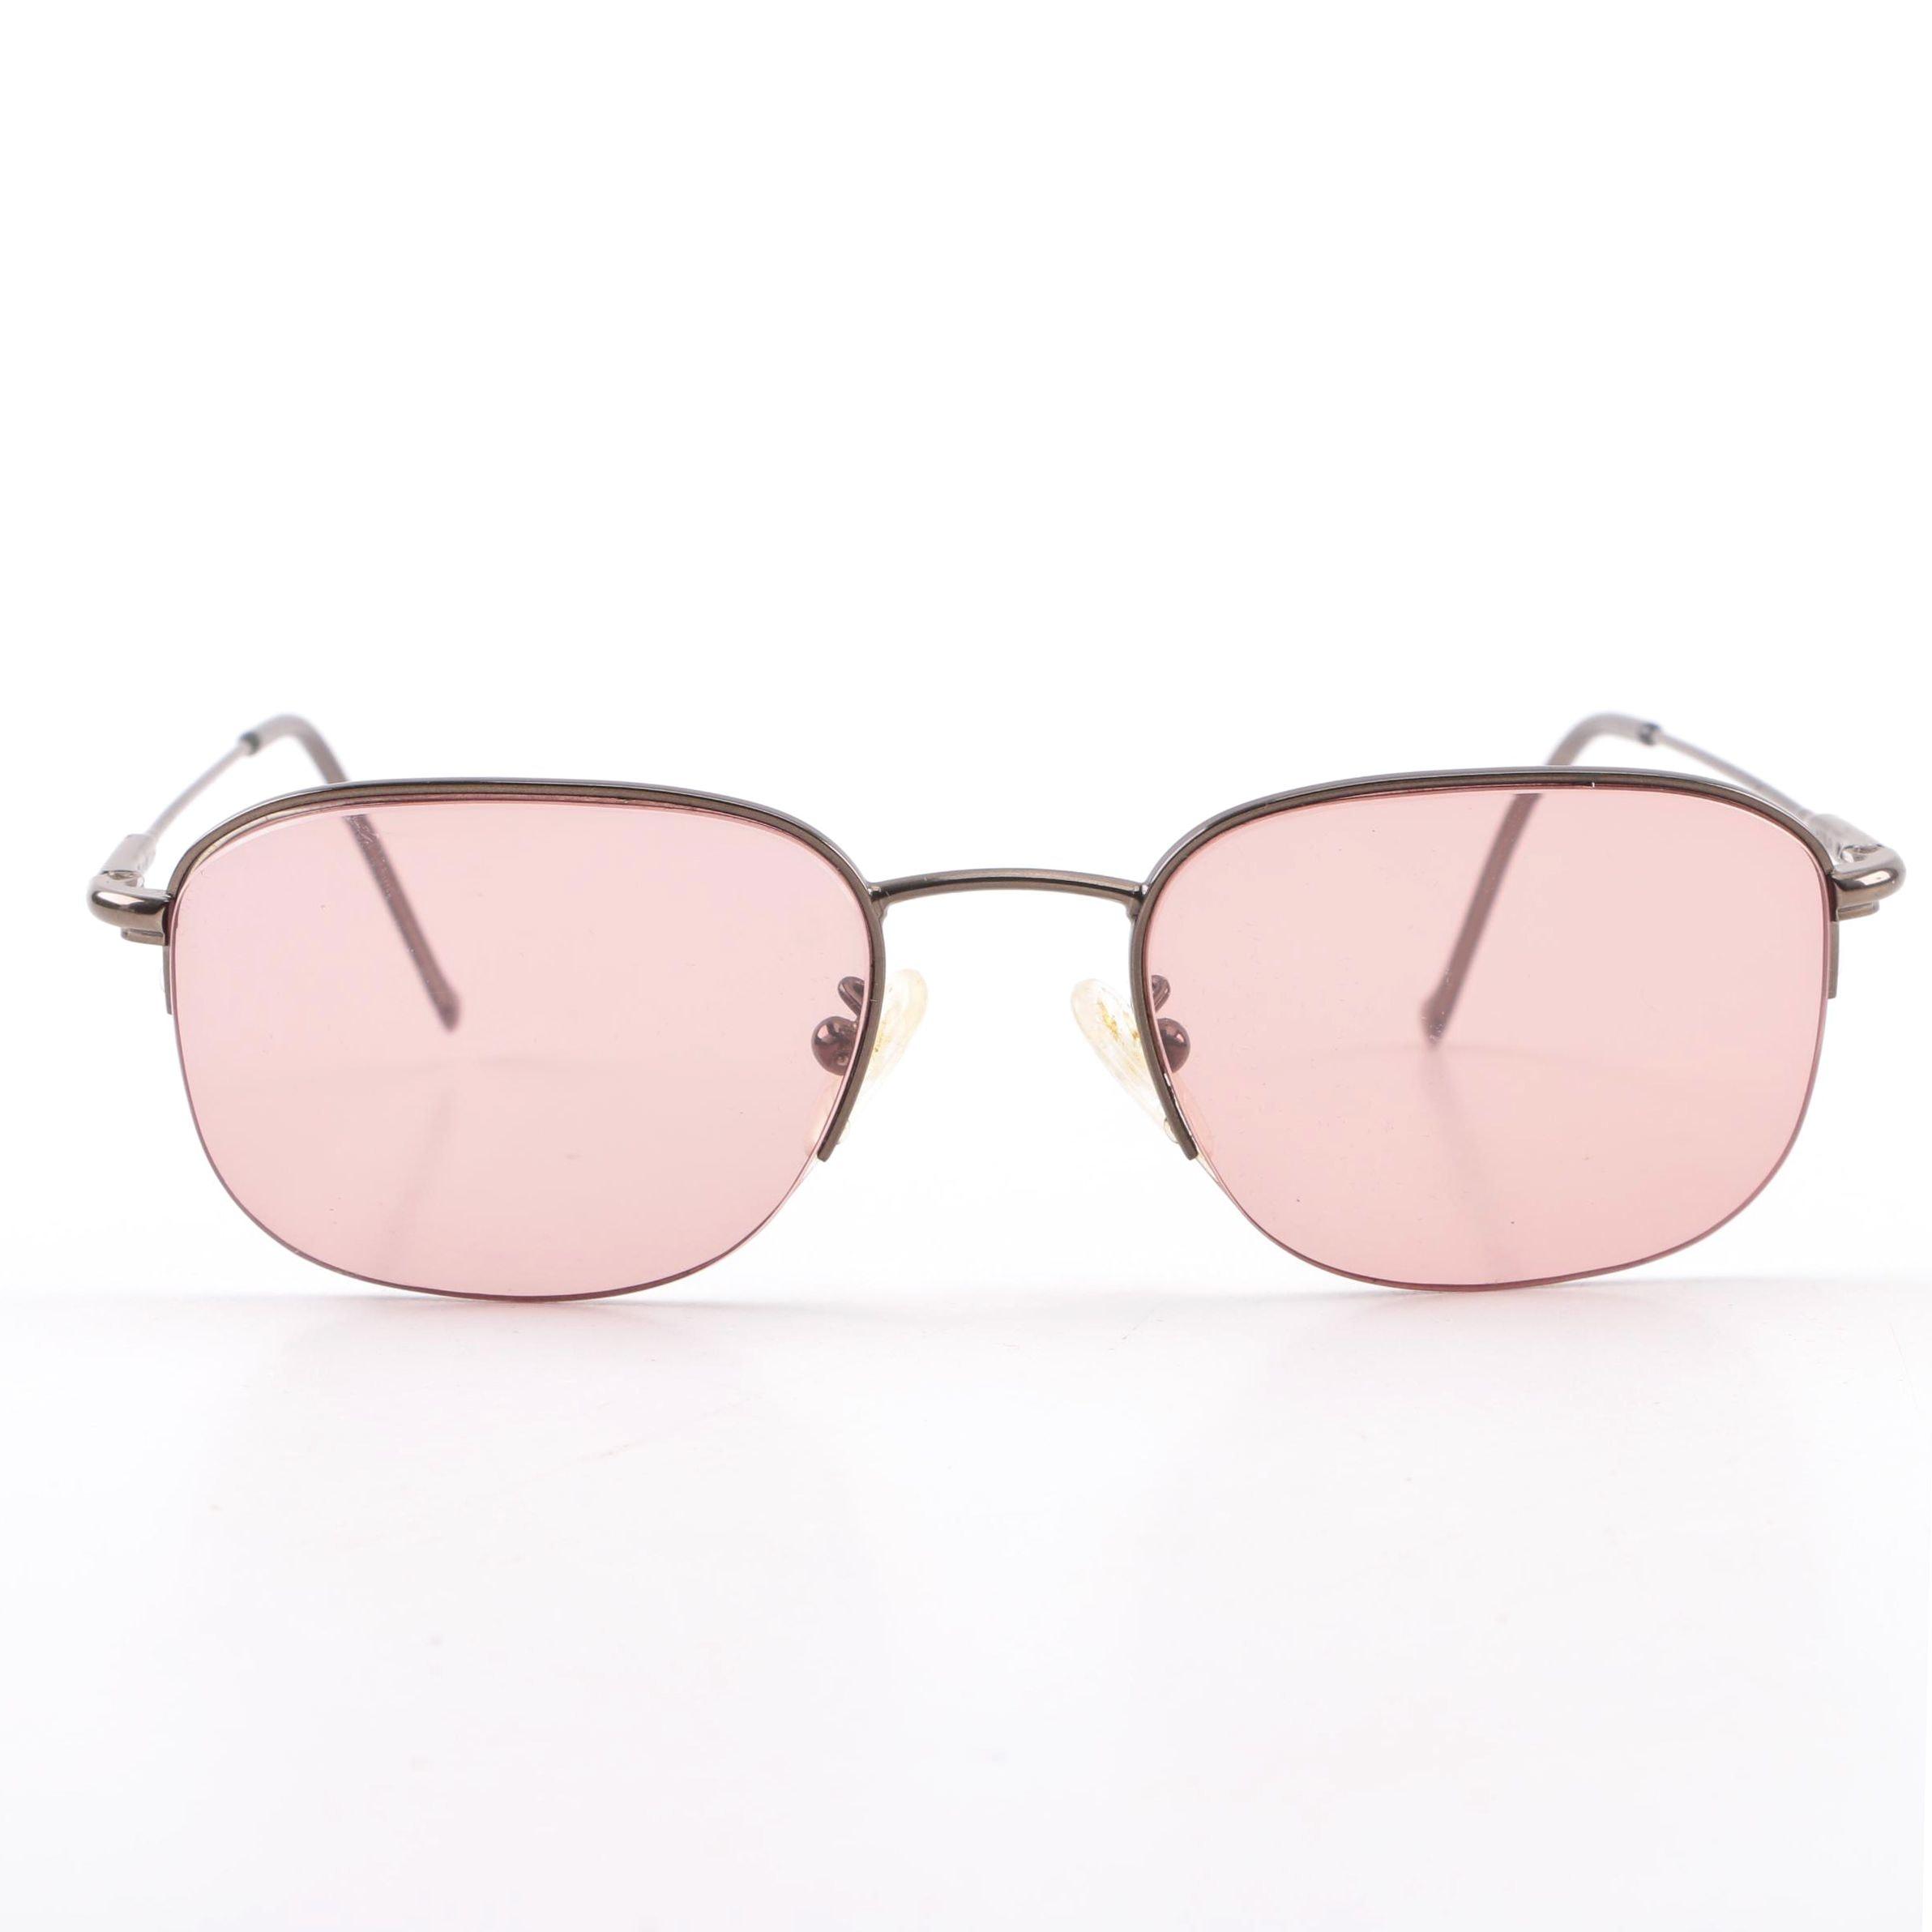 Safilo Elasta Prescription Sunglasses